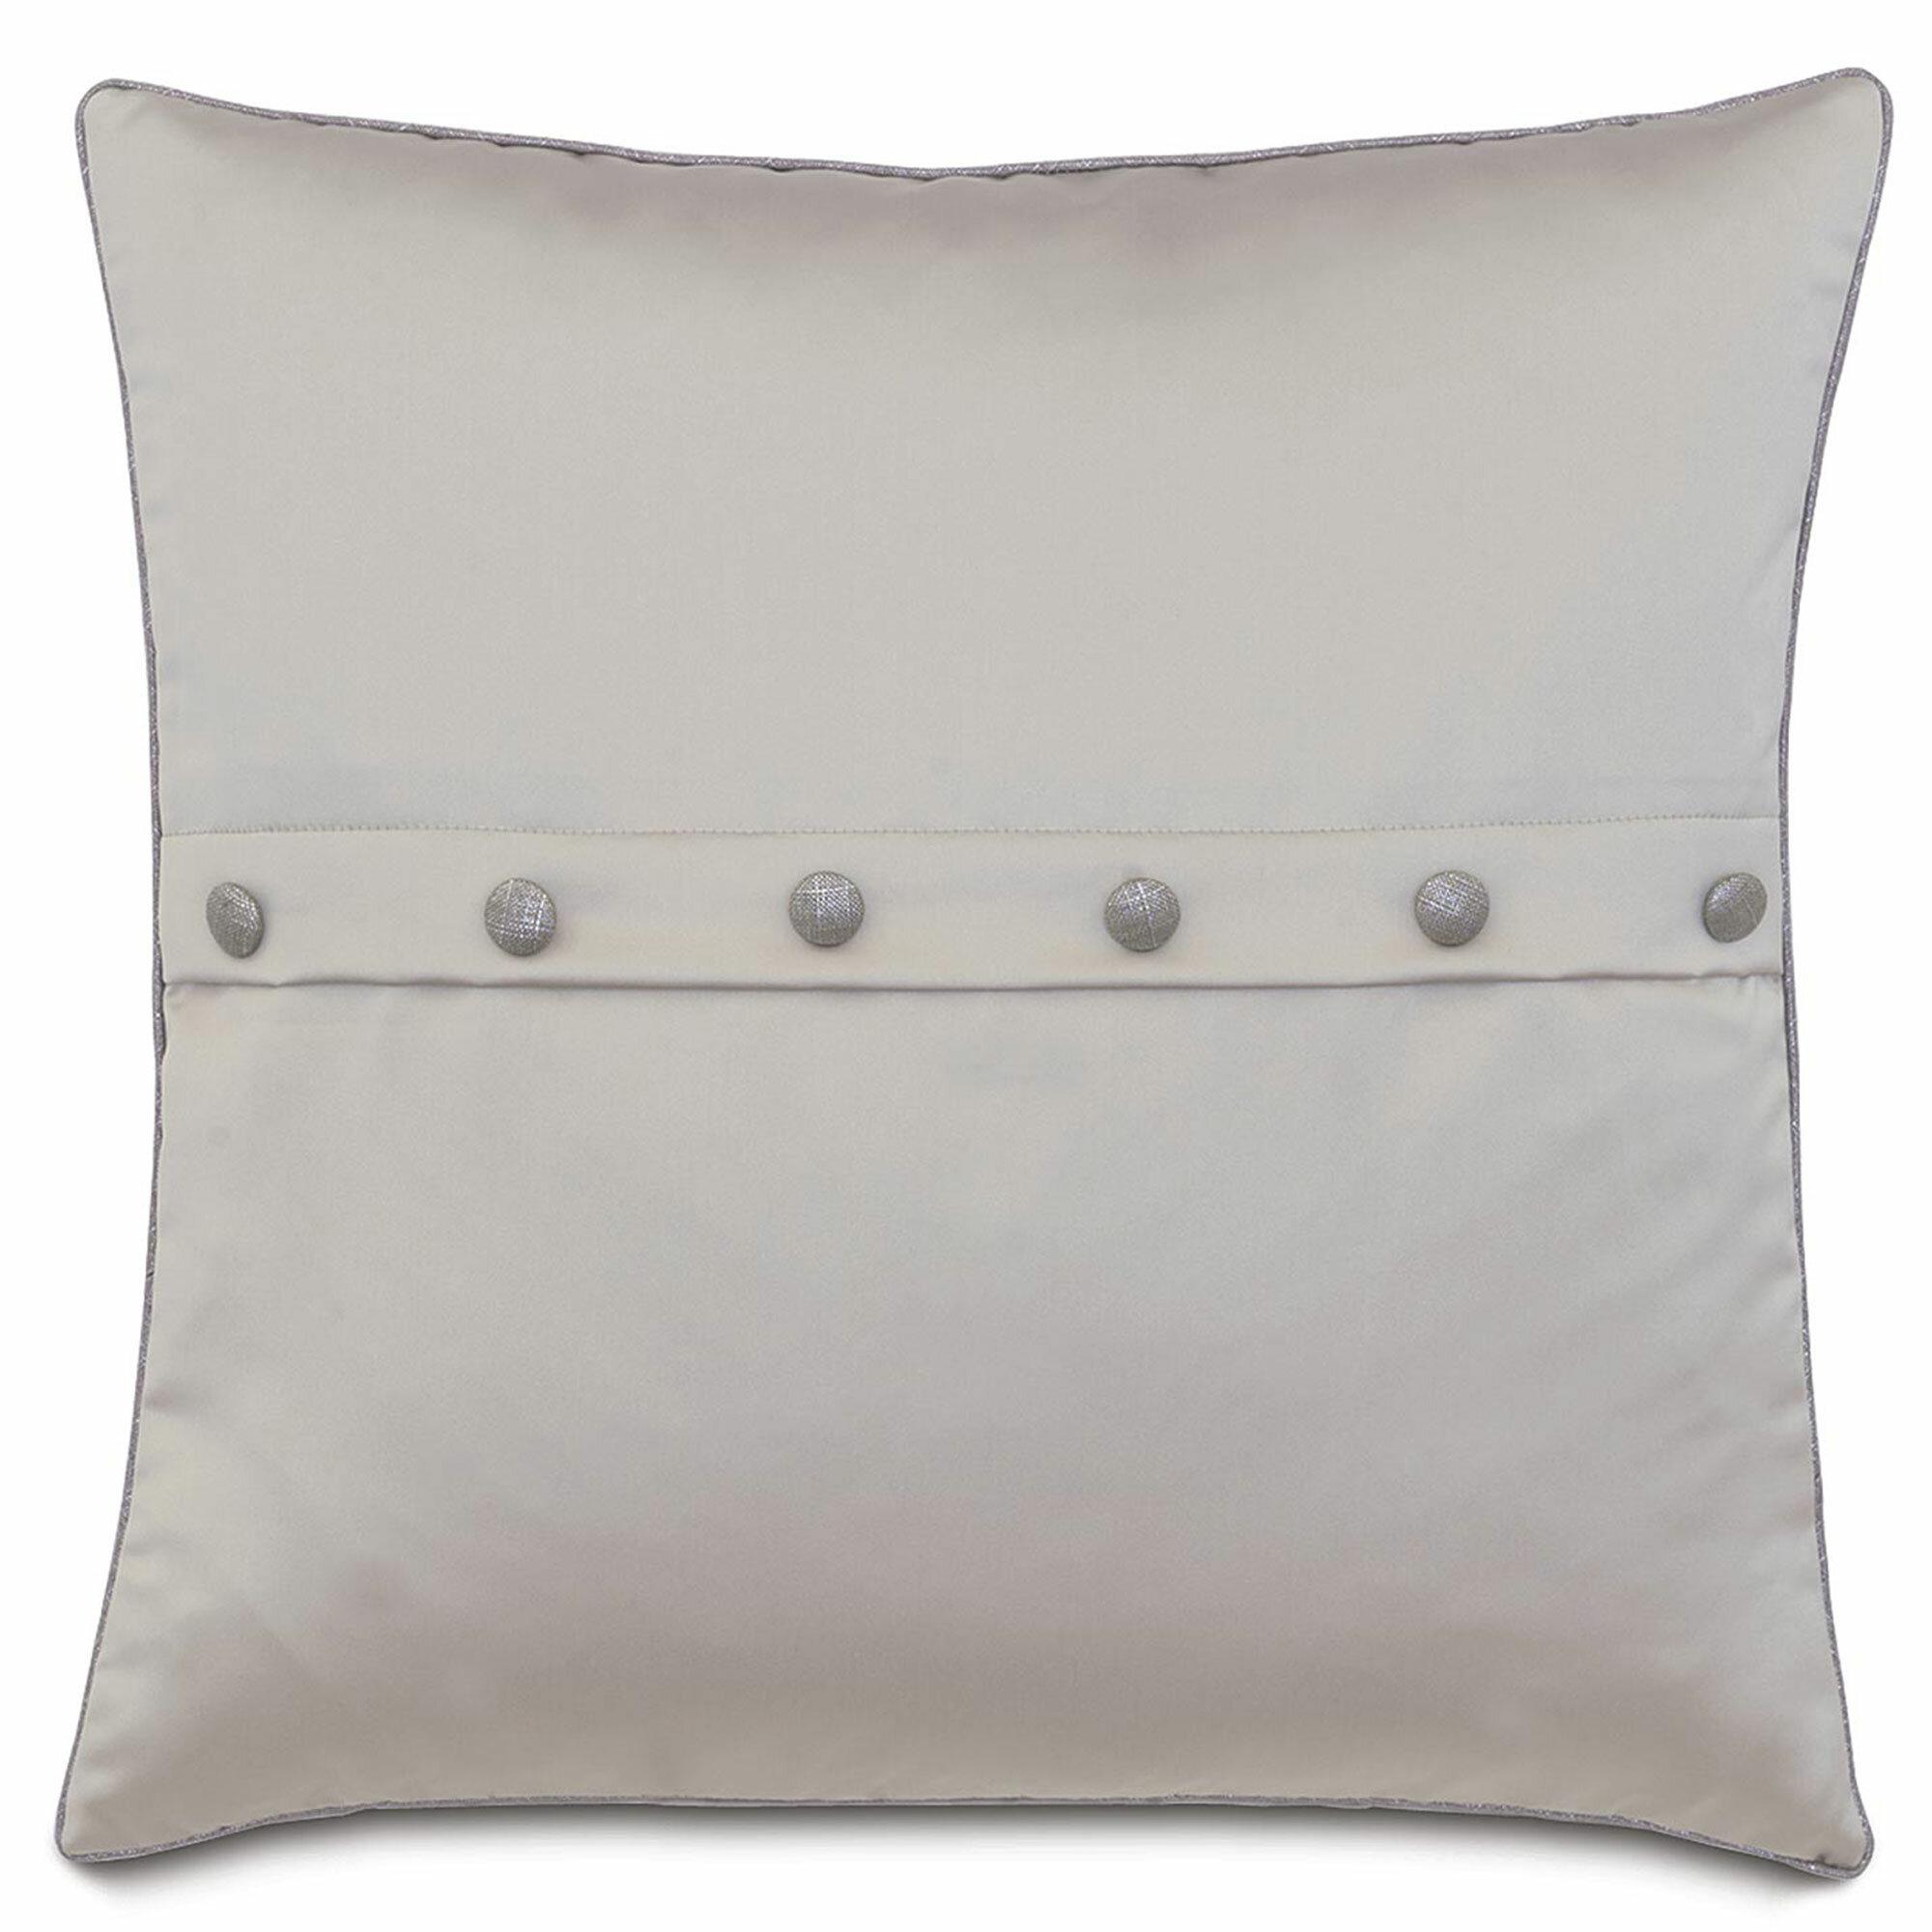 Eastern Accents Sophia Throw Pillow Perigold